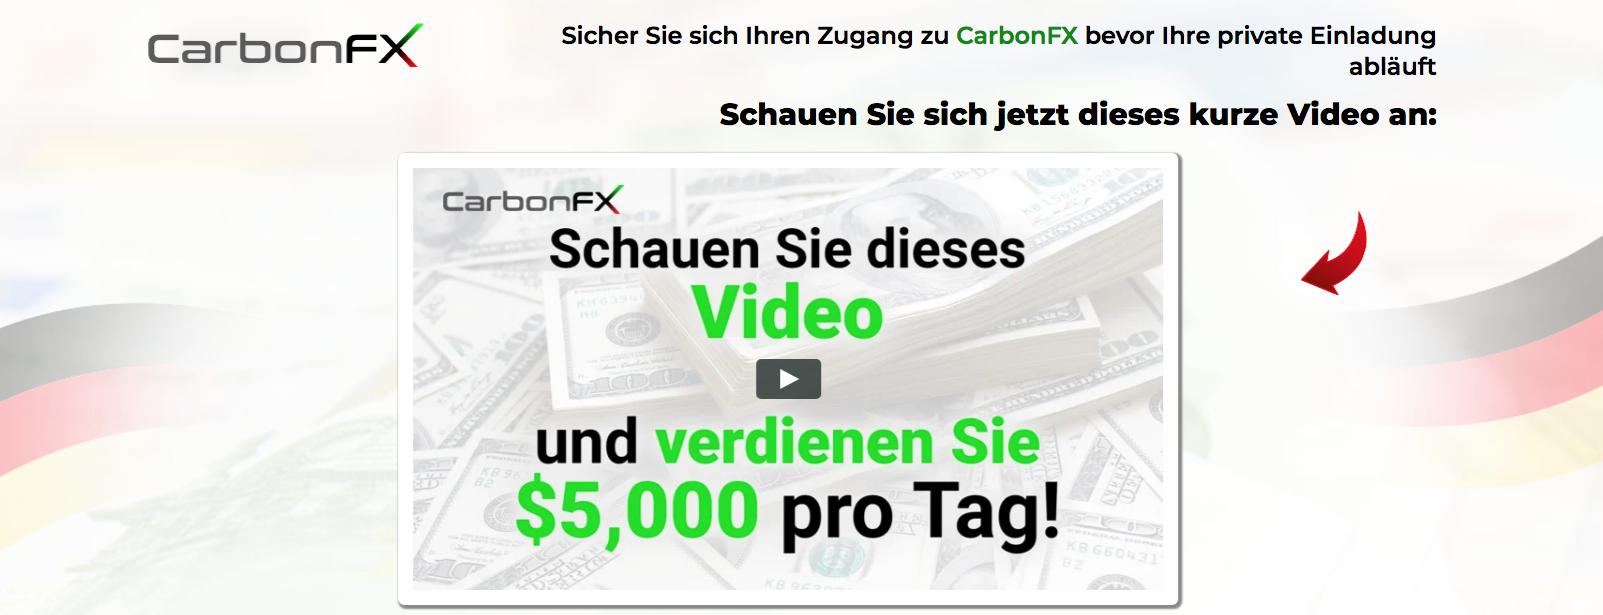 CarbonFX